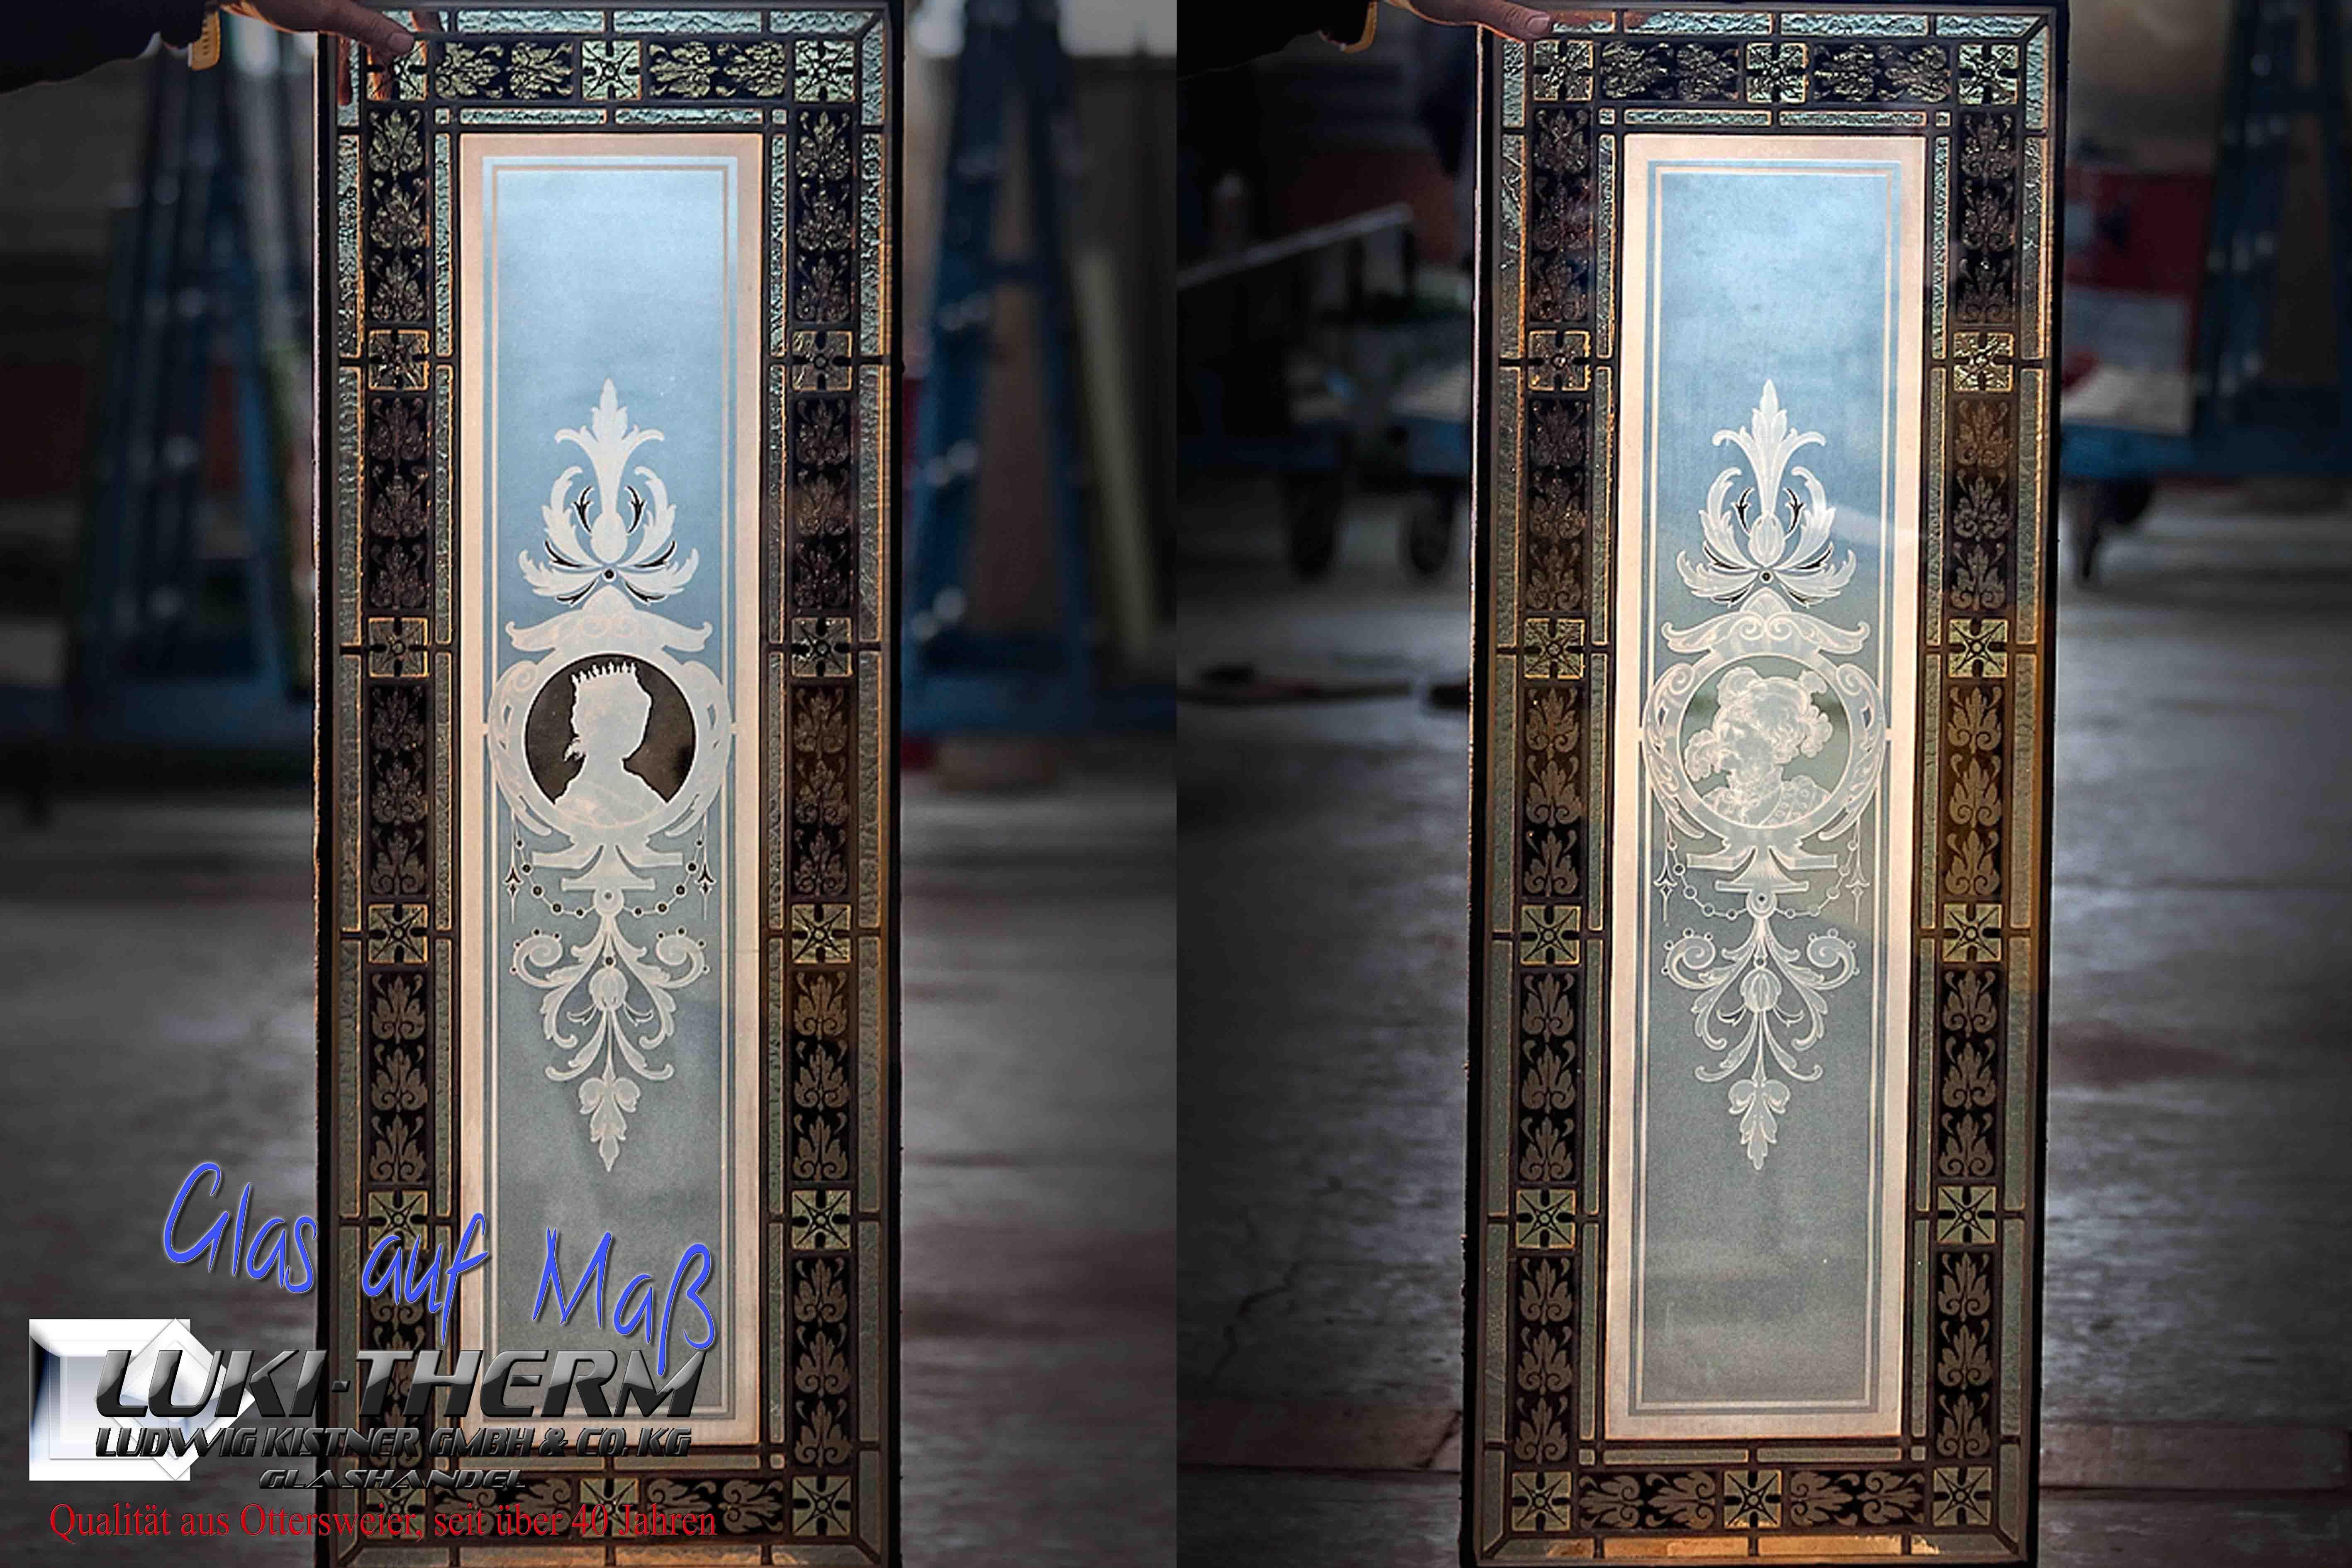 Bleiverglasungen mit Sandstrahlarbeiten kombiniert, fertig für den Einbau in Isolierglas